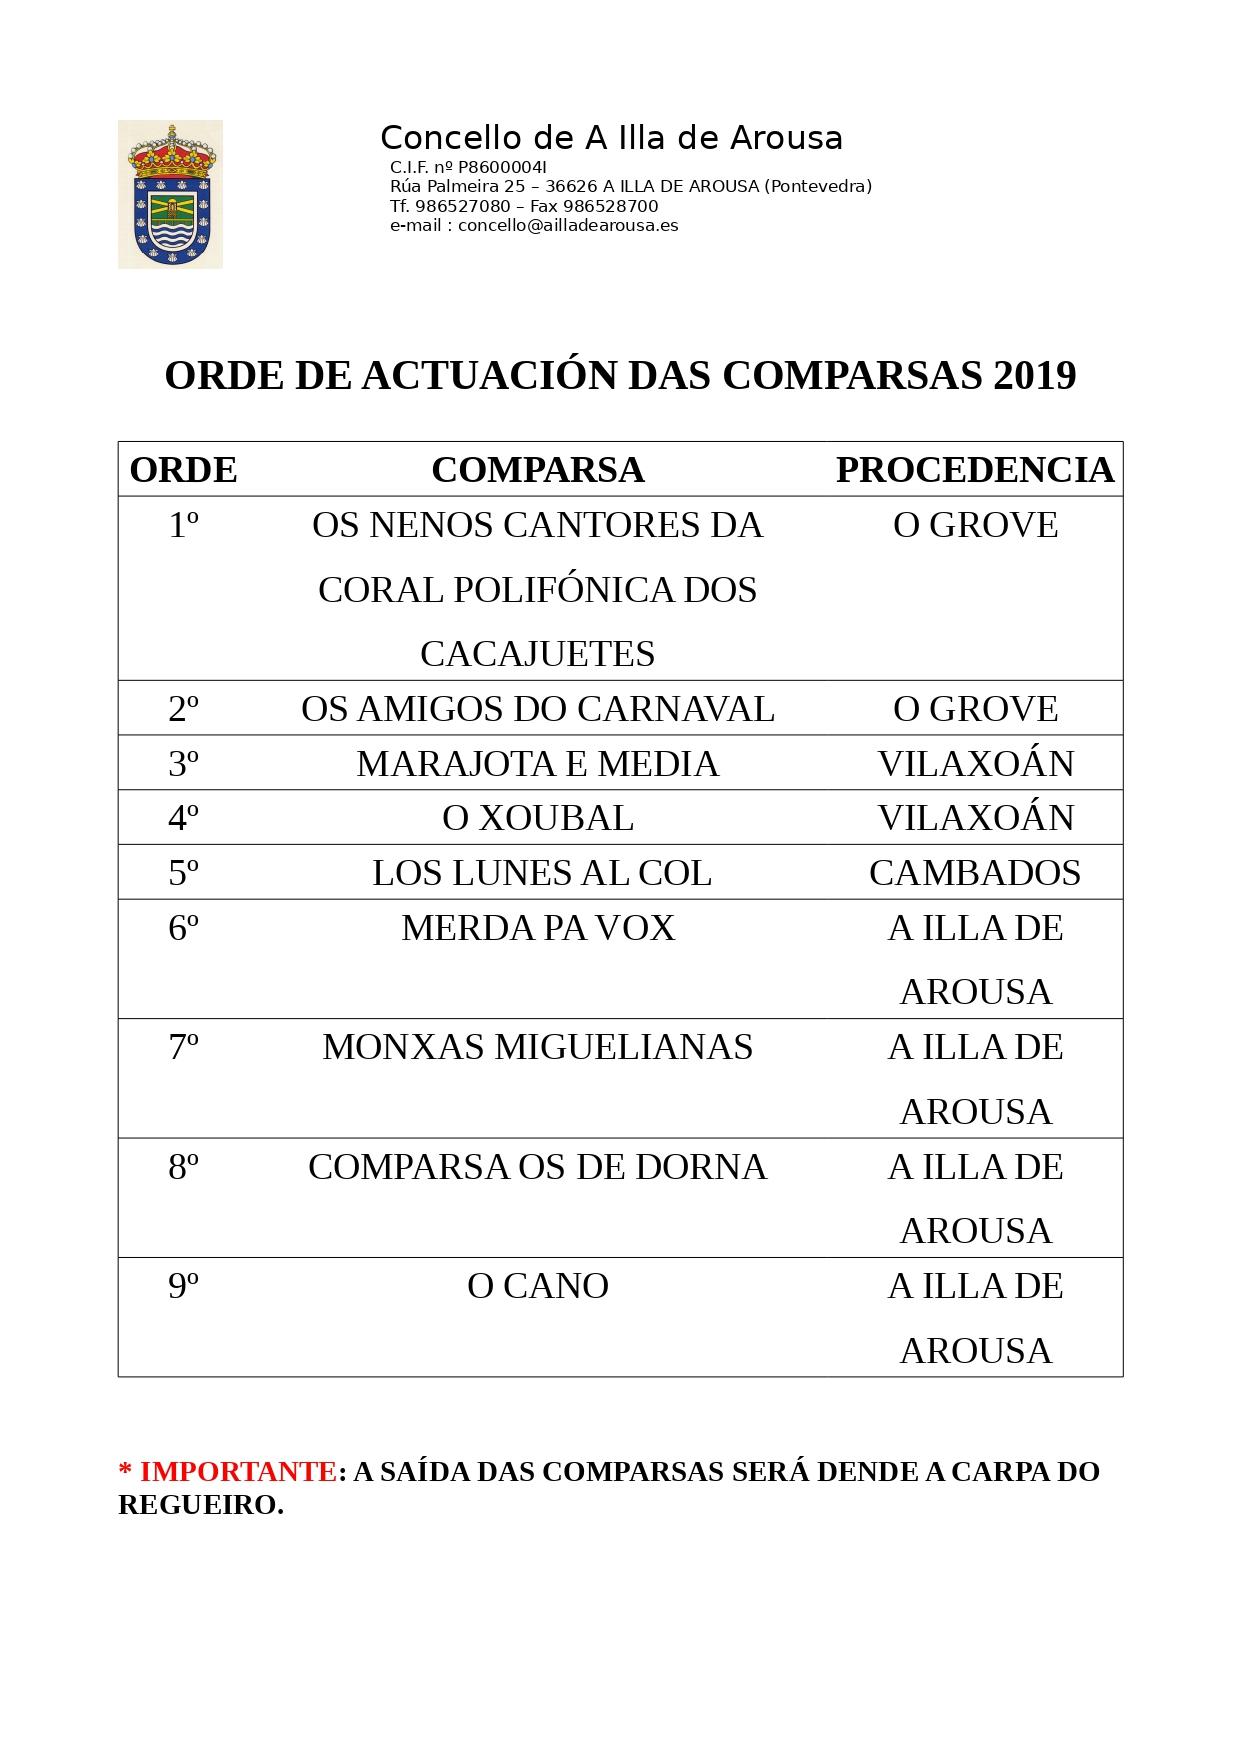 ORDE COMPARSAS 2019